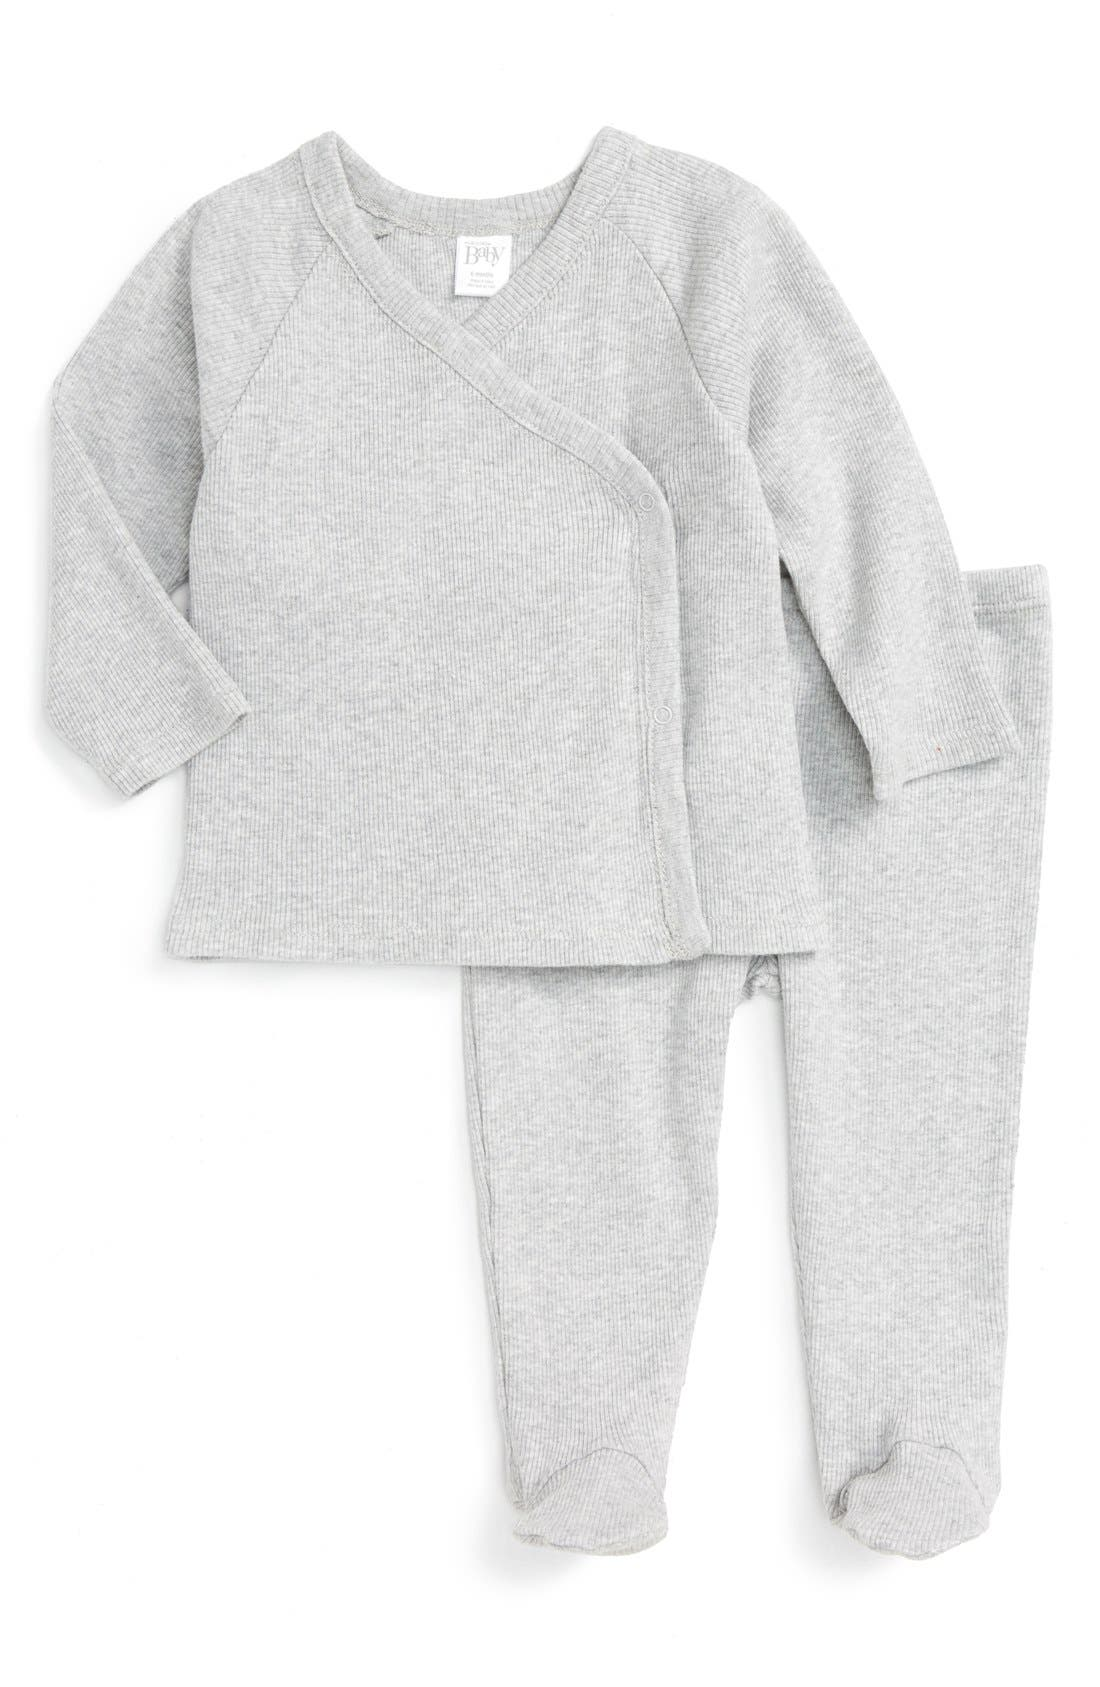 Rib Knit T-Shirt & Pants Set,                             Main thumbnail 1, color,                             GREY ASH HEATHER